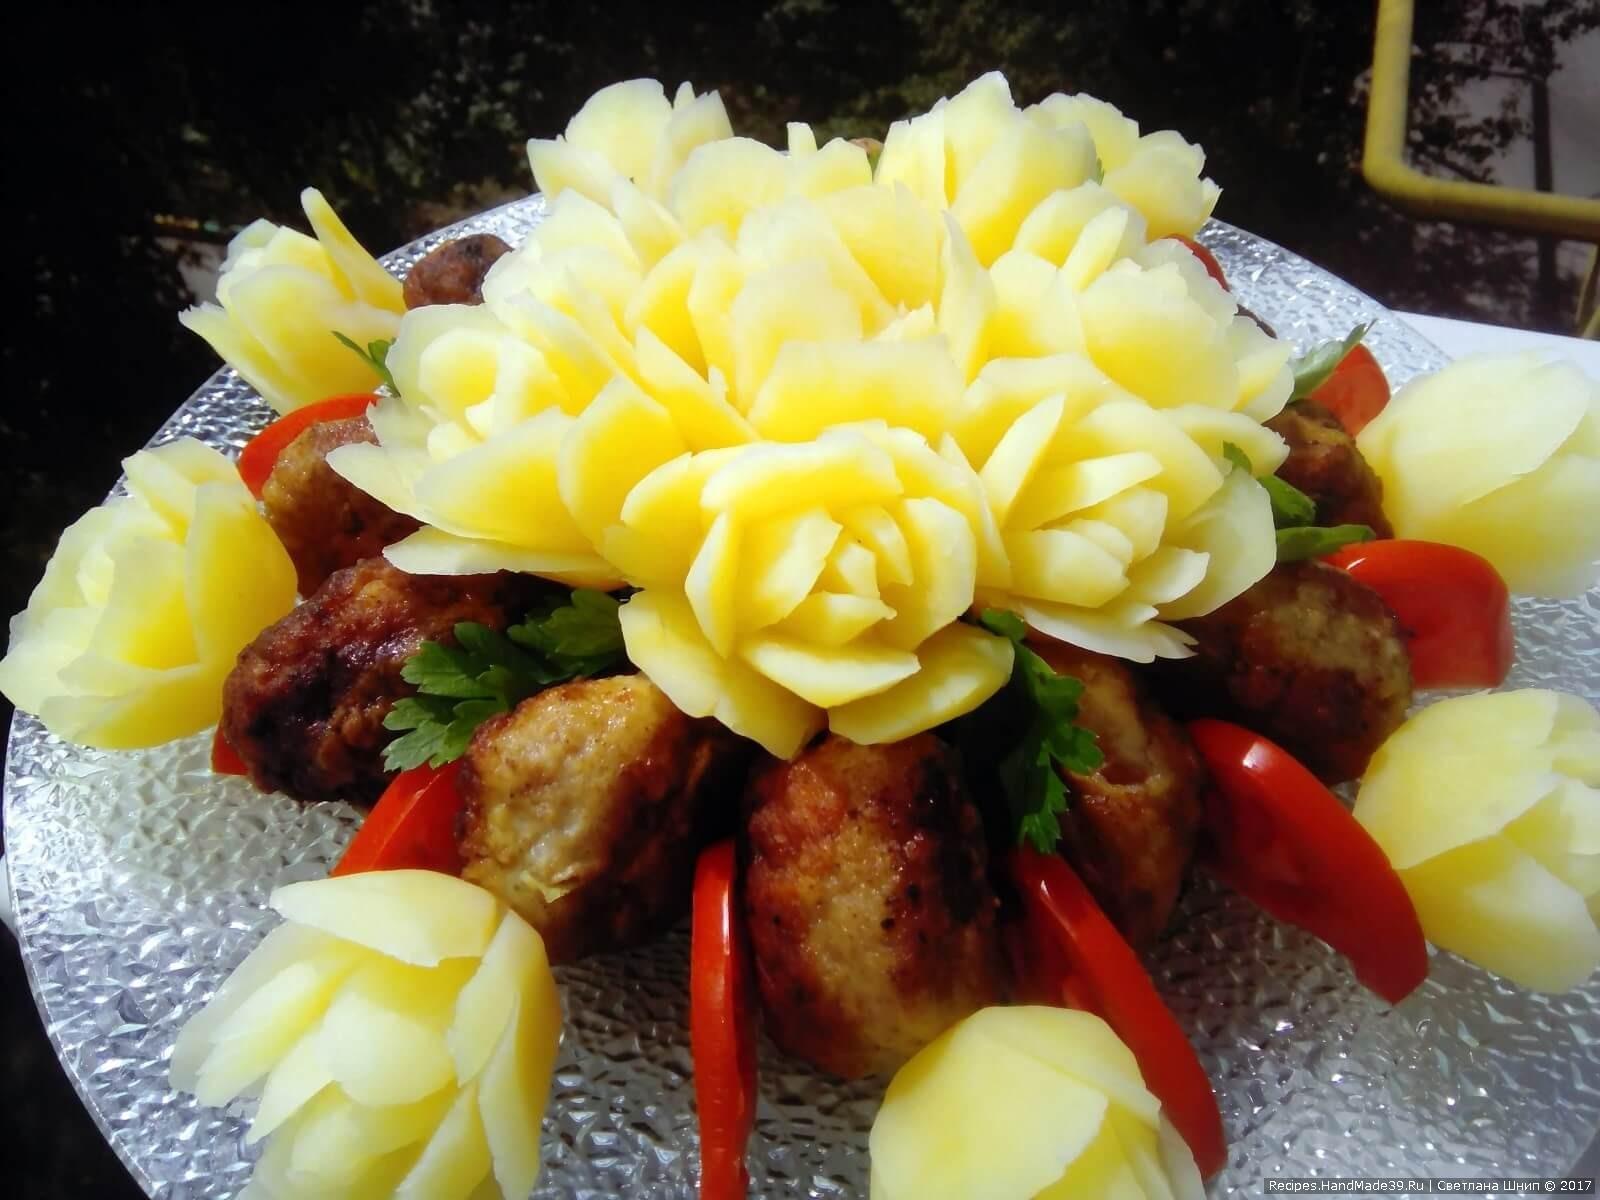 Подавать в качестве гарнира к мясу, рыбе, овощам, грибам. На снимке удивительный цветочный букет из картофельных роз. Приятного аппетита!